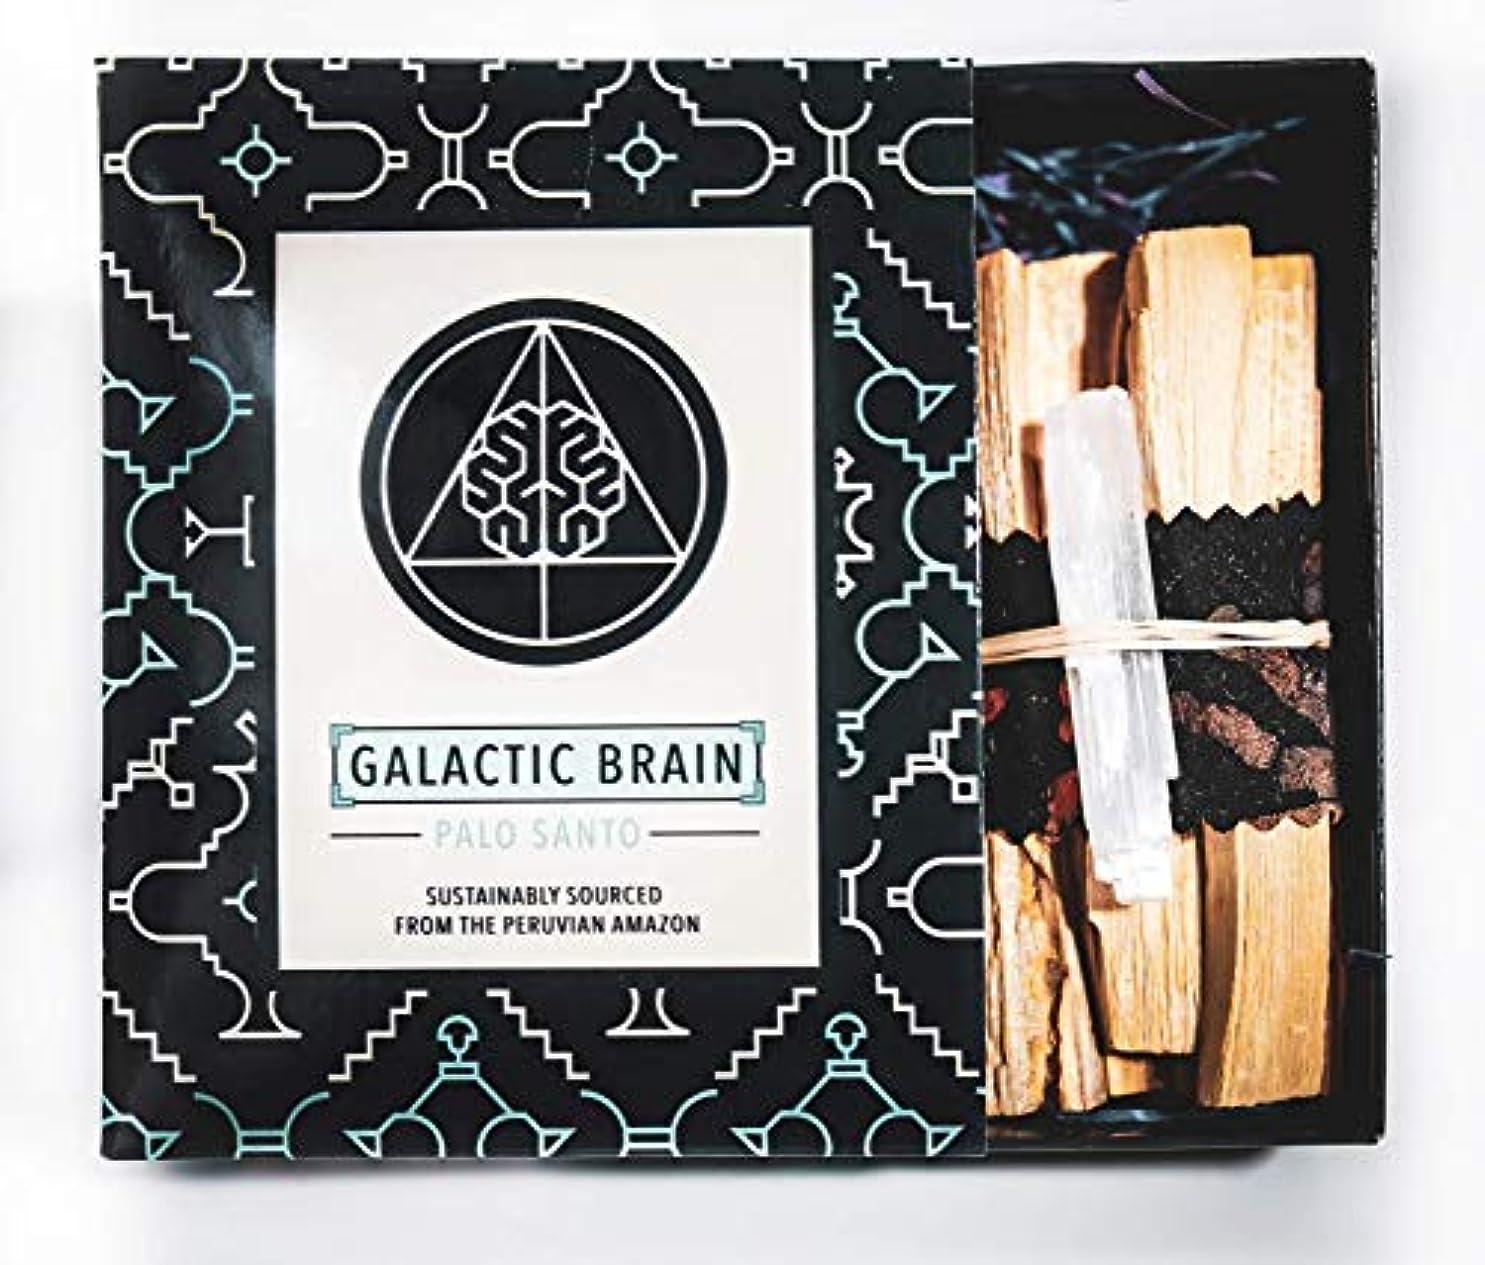 メタリック差別的クレーターGalacticBrainパロサントスマッジスティックキット ご自宅をきれいにしましょう。 瞑想/ヨガの練習を強化。 自然とつながります。 振動を上げましょう。 ギフトセット入りスマッジスティック 12本 (90g) 4インチ